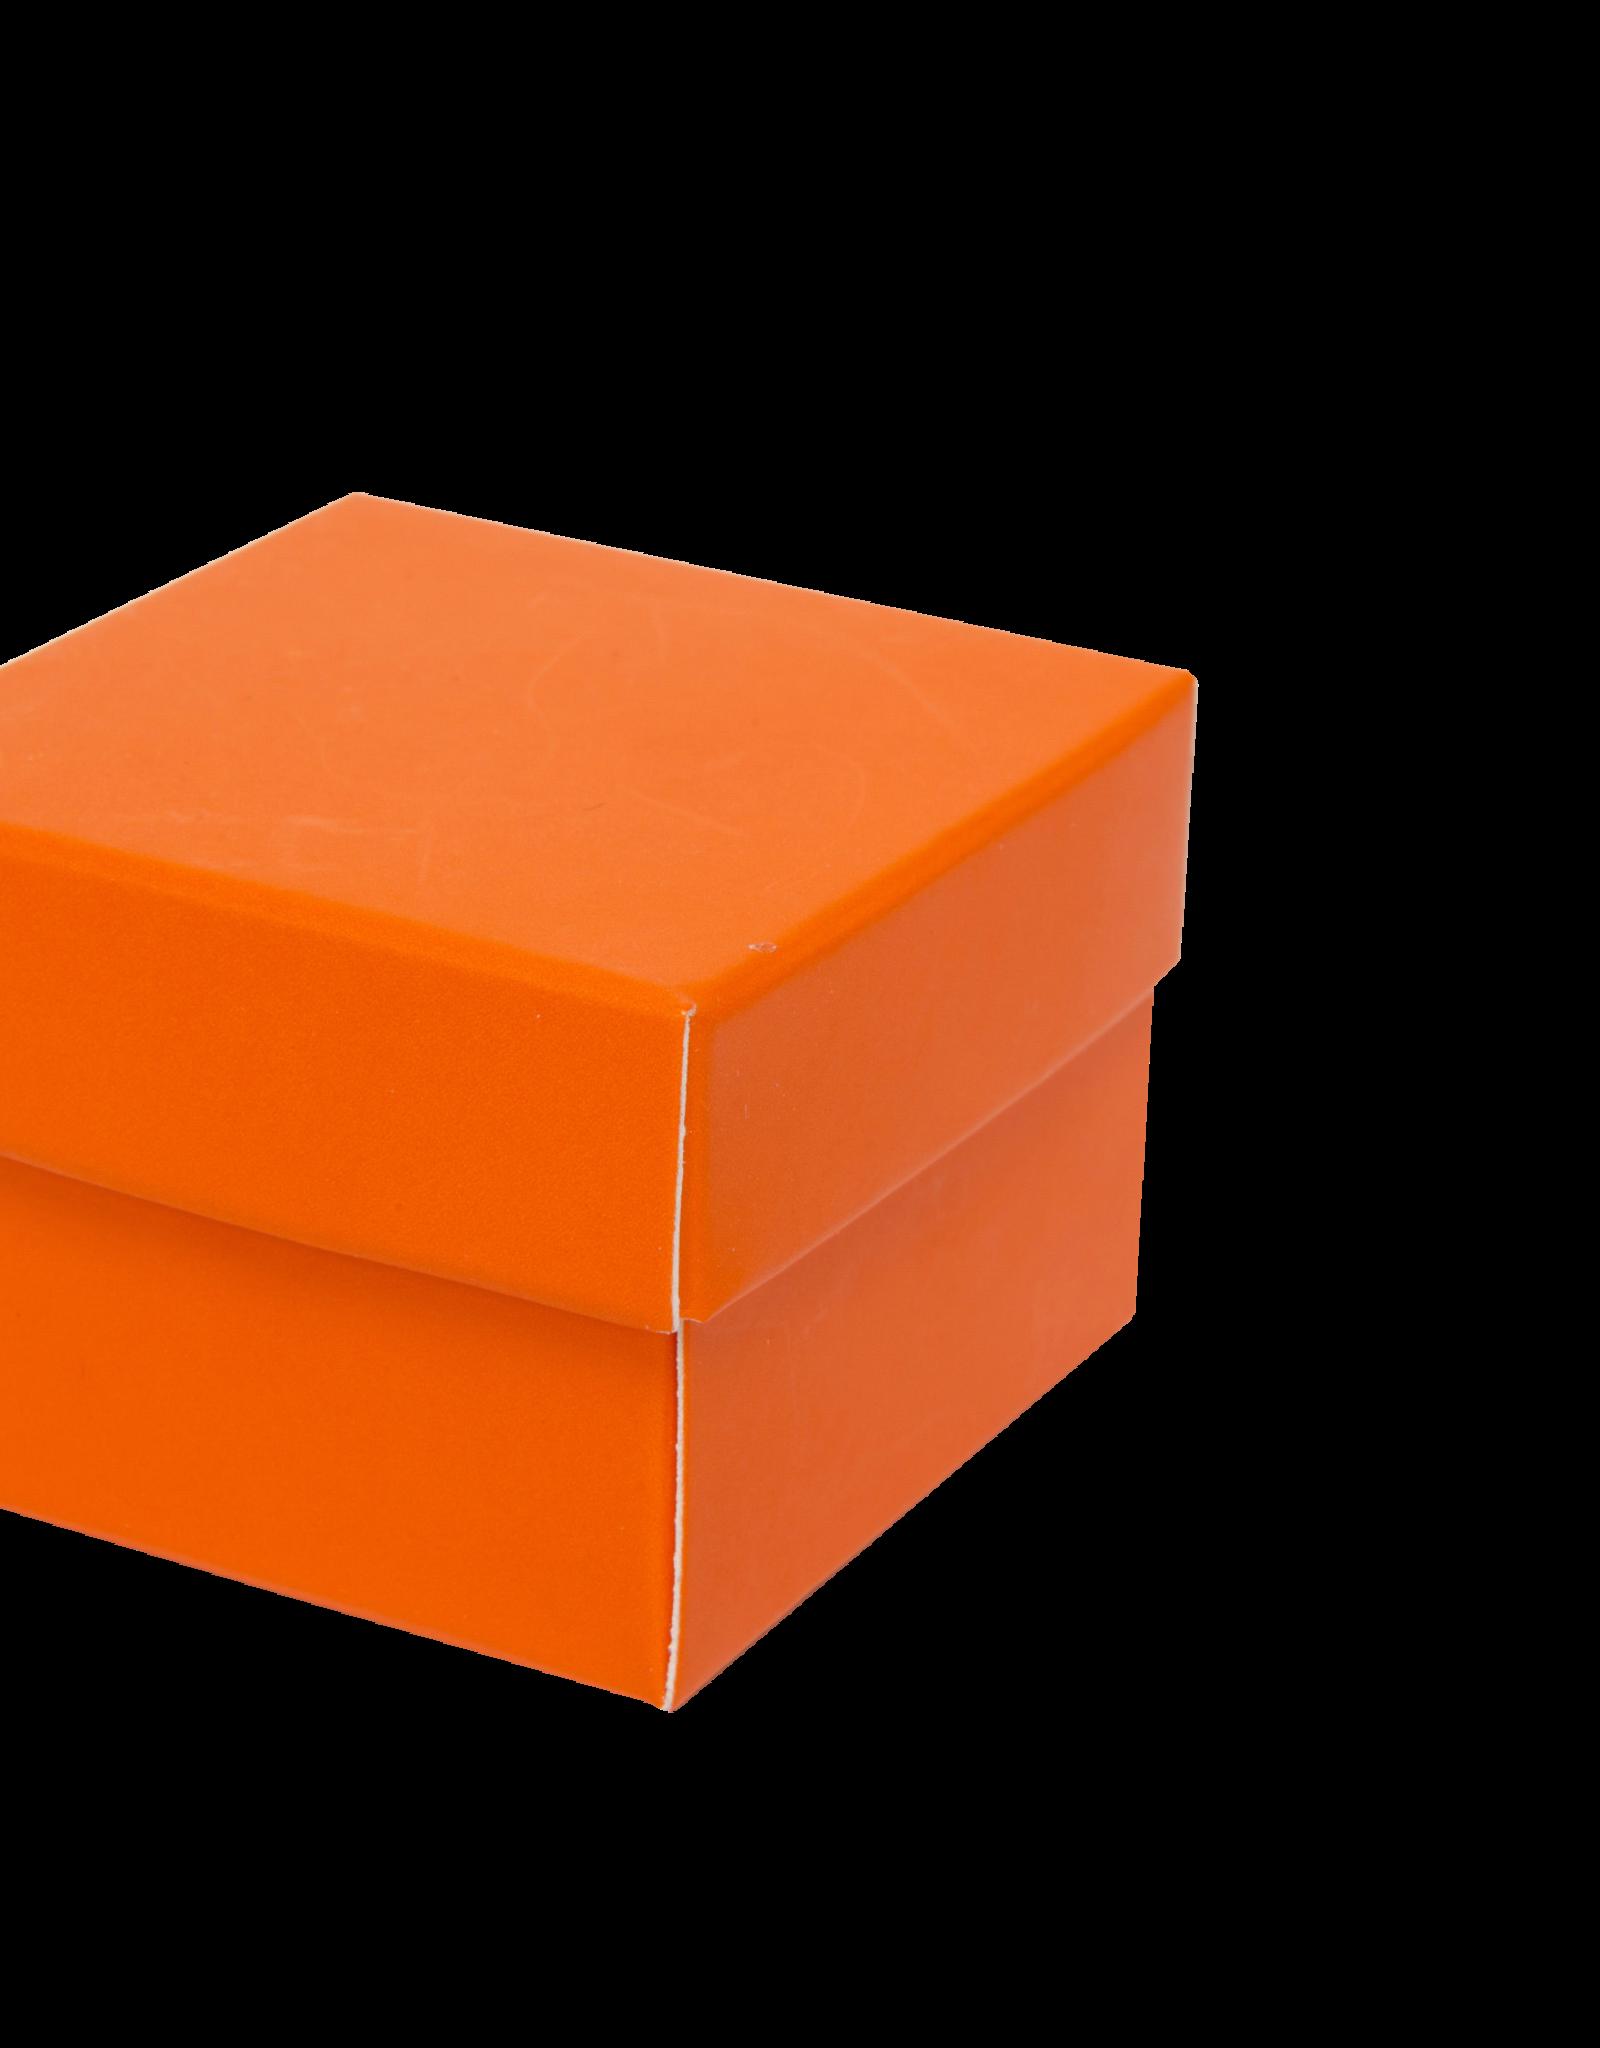 Mini lid box